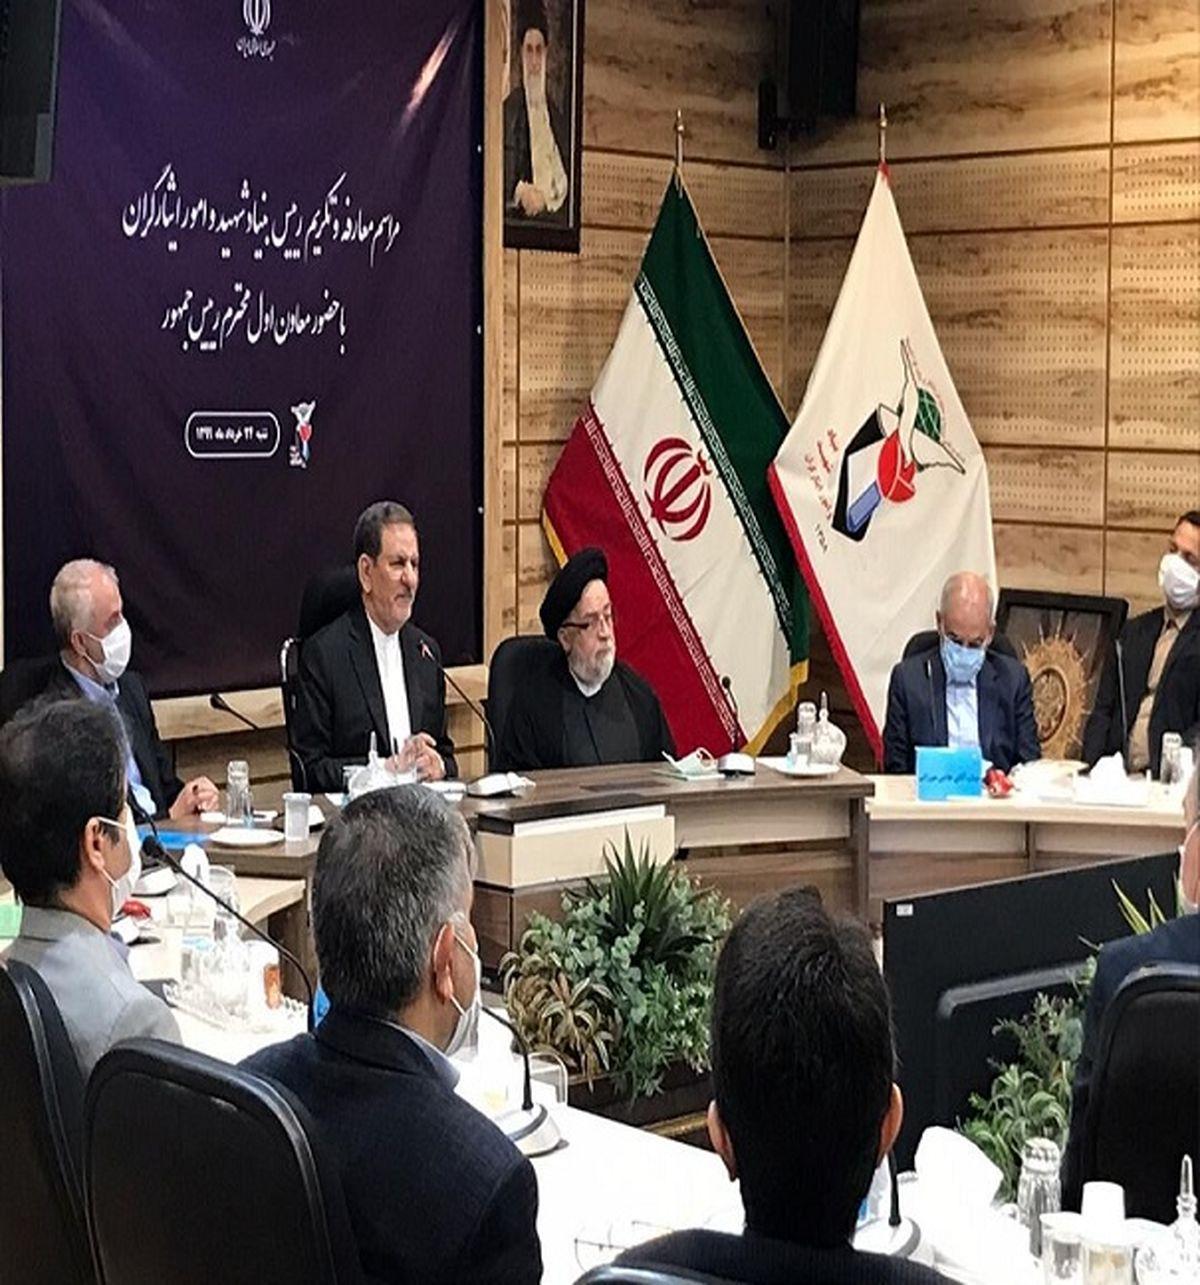 اقتصاد ایران آسیب دید اما فروپاشی ایجاد نشد/ آمریکاییها به هدف خود نرسیدند